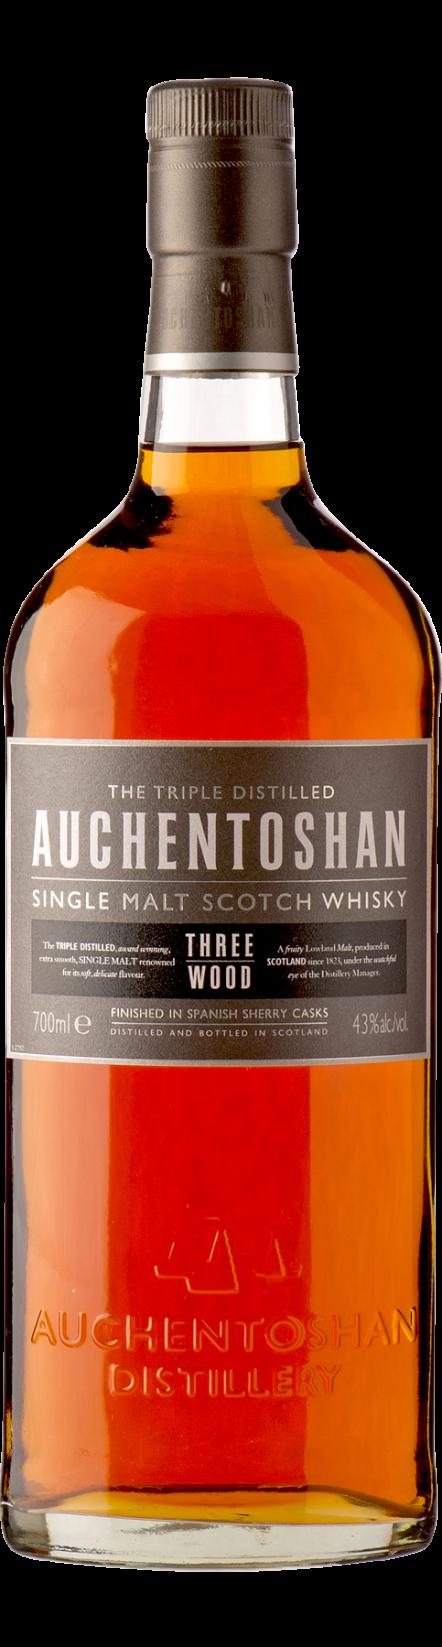 Botella Auchentoshan Three Wood